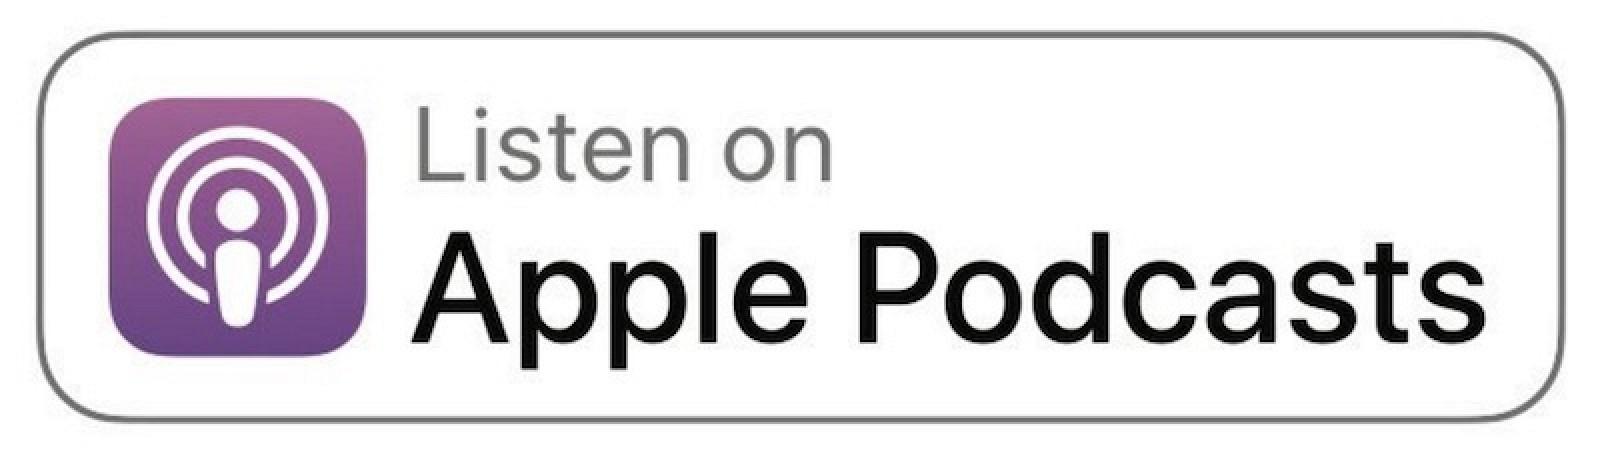 1-Listen On Apple Podcast.jpg